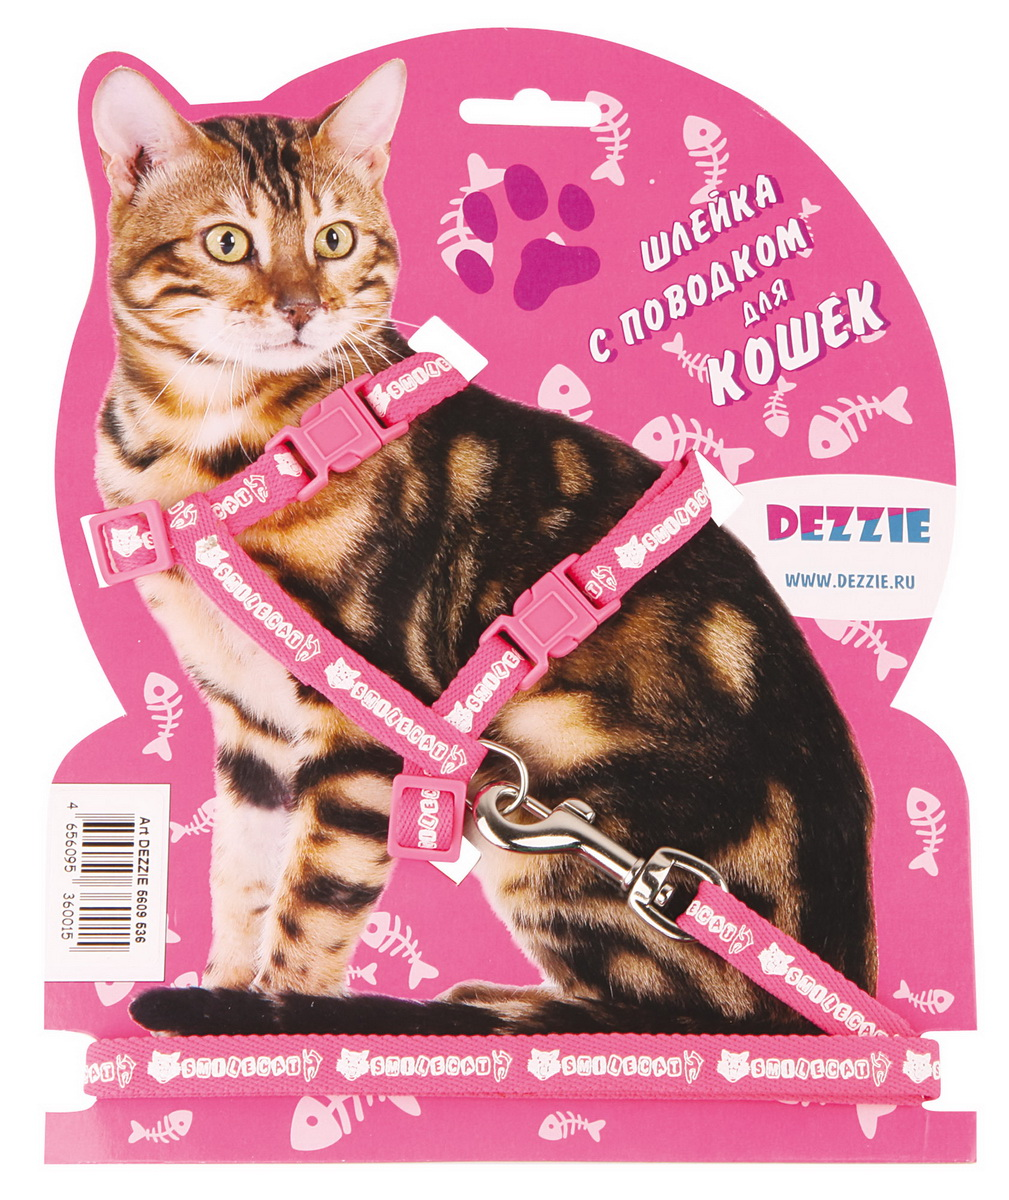 Шлейка для кошек Dezzie, с поводком, ширина 1 см, обхват груди 27-46 см, цвет: розовый, белый. 56095385609538Шлейка Dezzie, изготовленная из прочного нейлона, подходит для кошек крупных размеров. Крепкие пластиковые элементы делают ее надежной и долговечной. Обхват шлейки регулируется при помощи пряжек. В комплект входит поводок из нейлона, который крепится к шлейке с помощью металлического карабина. Шлейка и поводок оформлены изображением. Шлейка - это альтернатива ошейнику. Правильно подобранная шлейка не стесняет движения питомца, не натирает кожу, поэтому животное чувствует себя в ней уверенно и комфортно.Обхват груди: 27-46 см.Ширина шлейки/поводка: 1 см.Длина поводка: 120 см.Длина ошейника: 27-46 см.